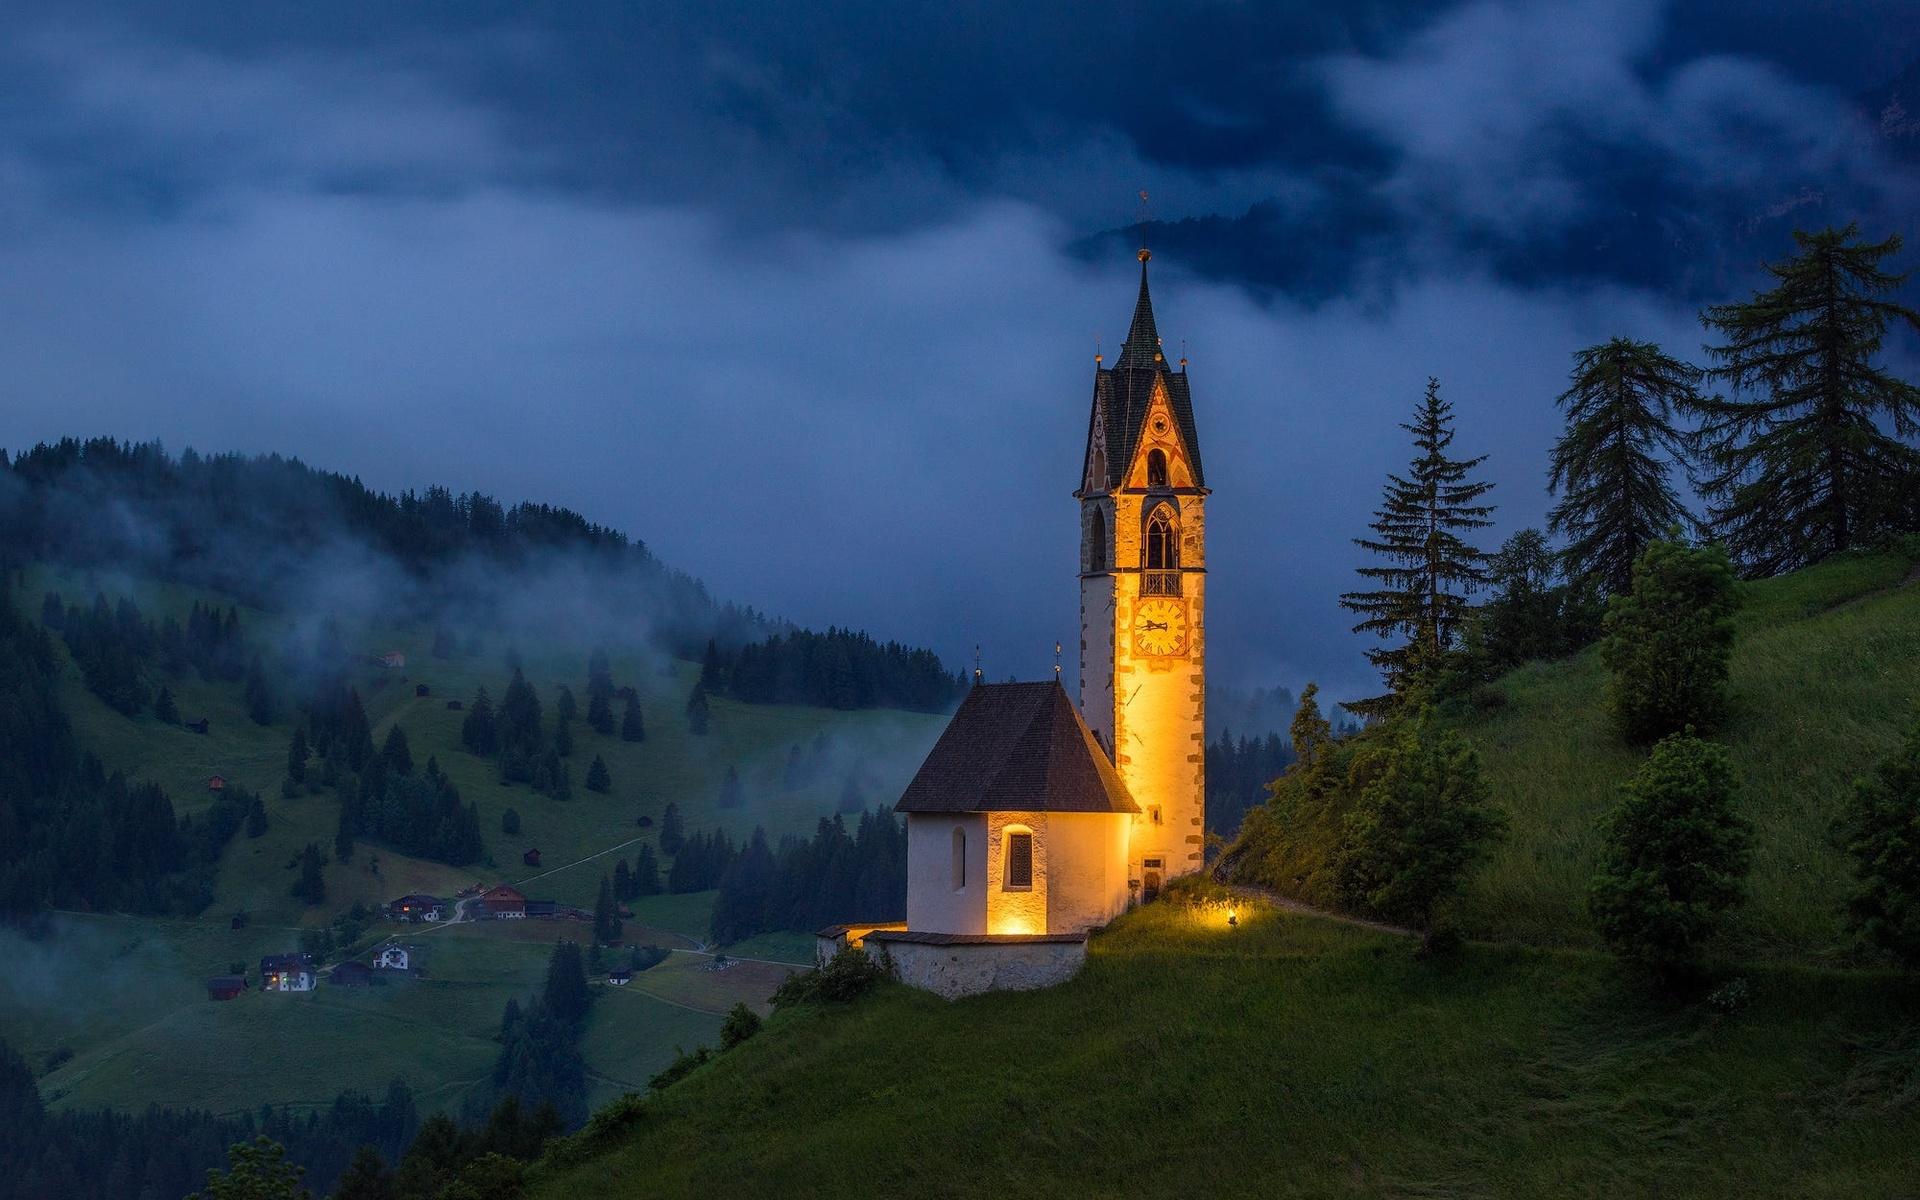 пейзаж, горы, ночь, природа, деревня, италия, церковь, доломиты, st. barbara church